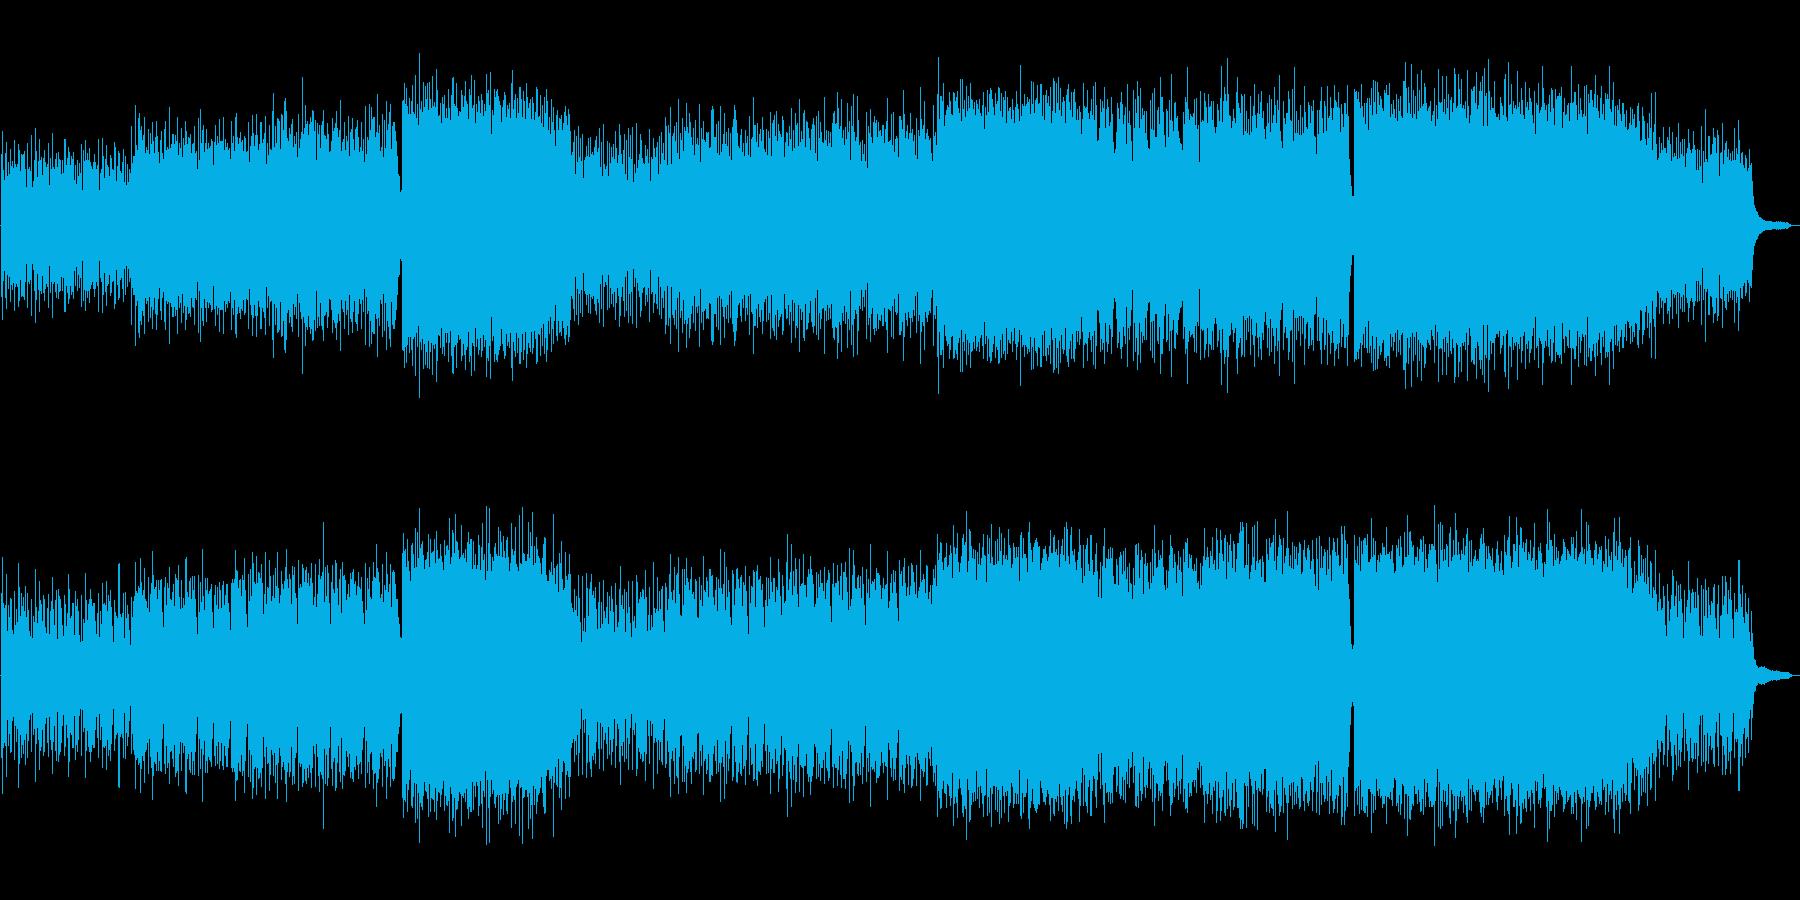 壮大で透明感のある生演奏バイオリン曲の再生済みの波形